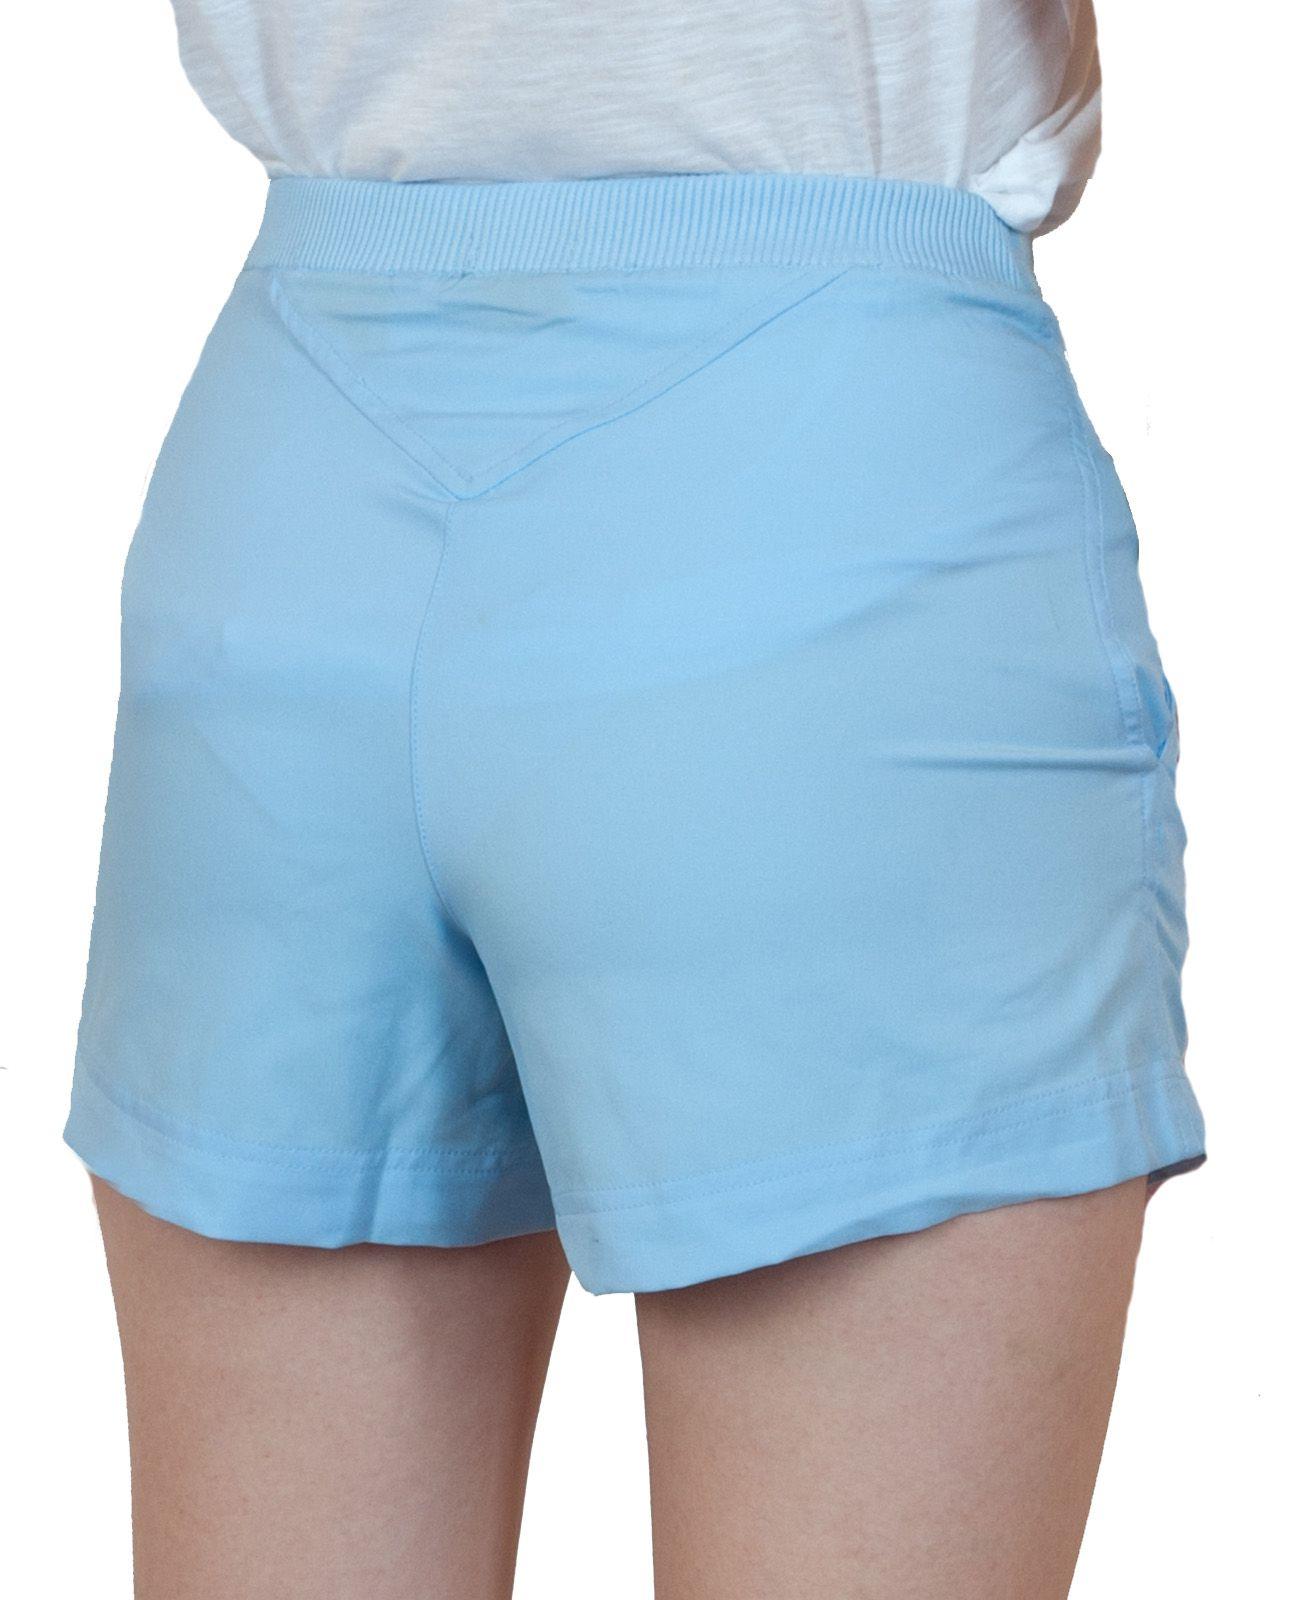 Светло-голубые шорты для девушки - вид сзади